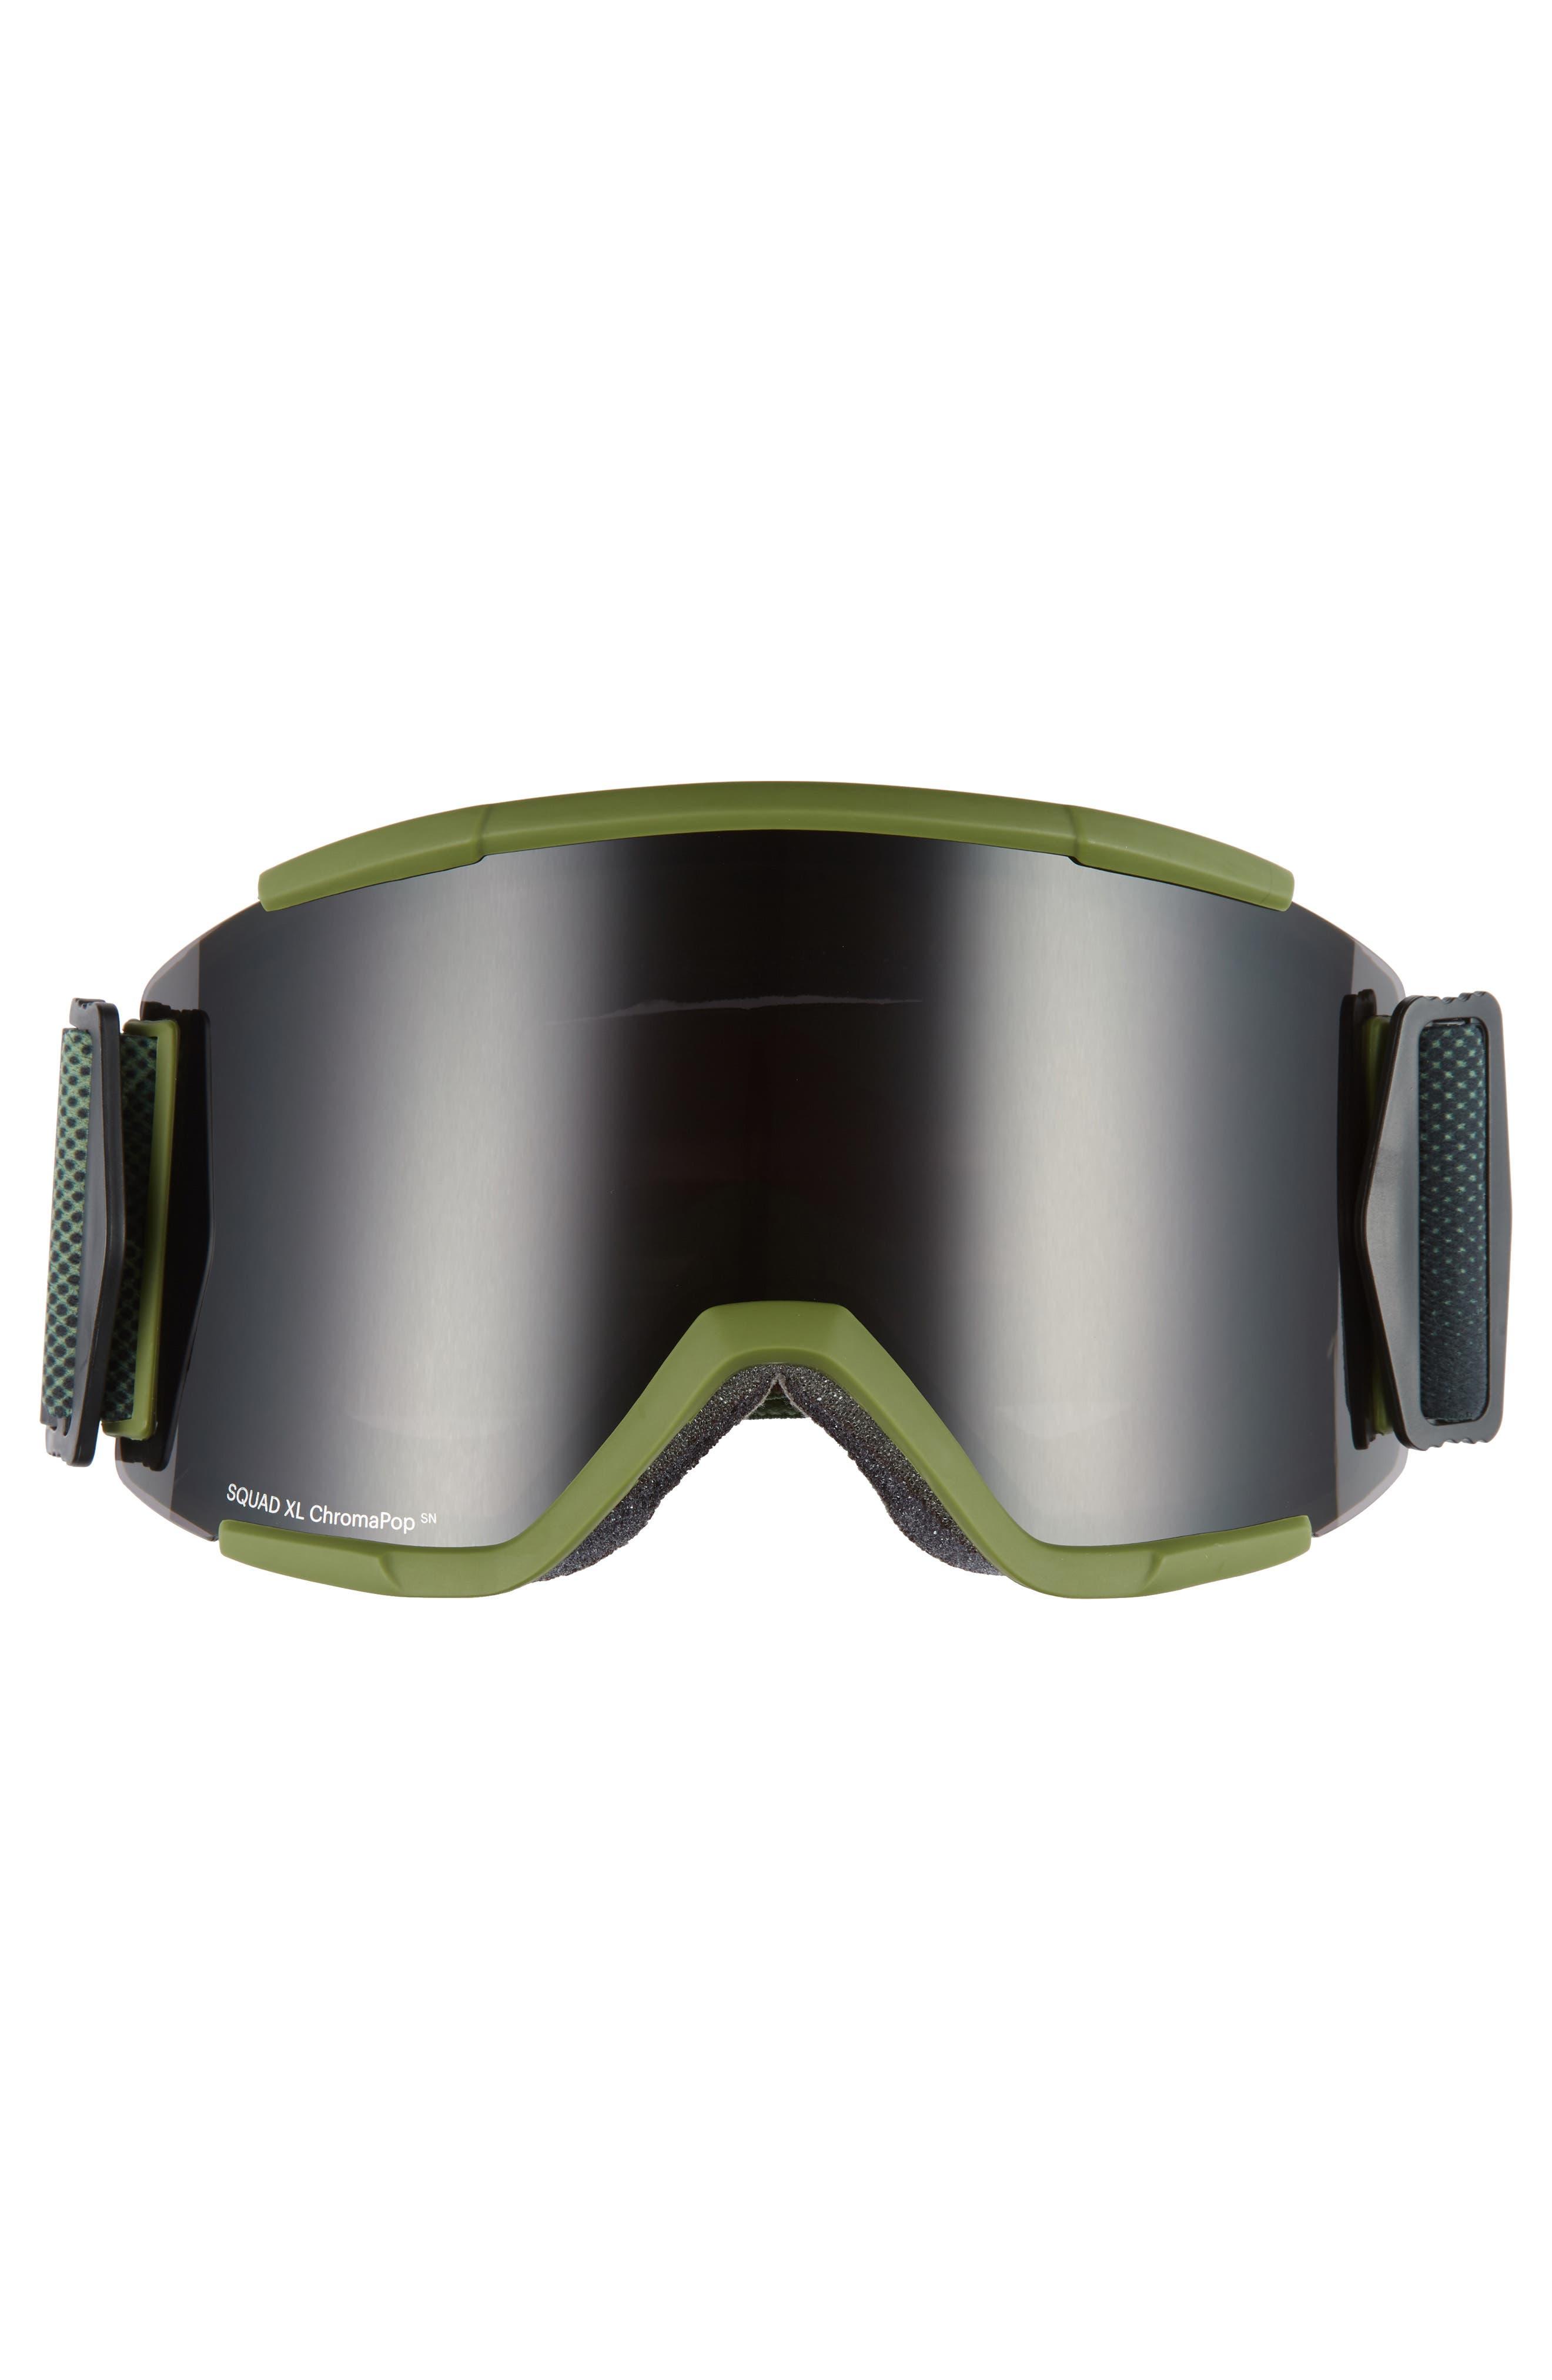 Squad XL Chromapop 185mm Snow Goggles,                             Alternate thumbnail 2, color,                             MOSS SURPLUS